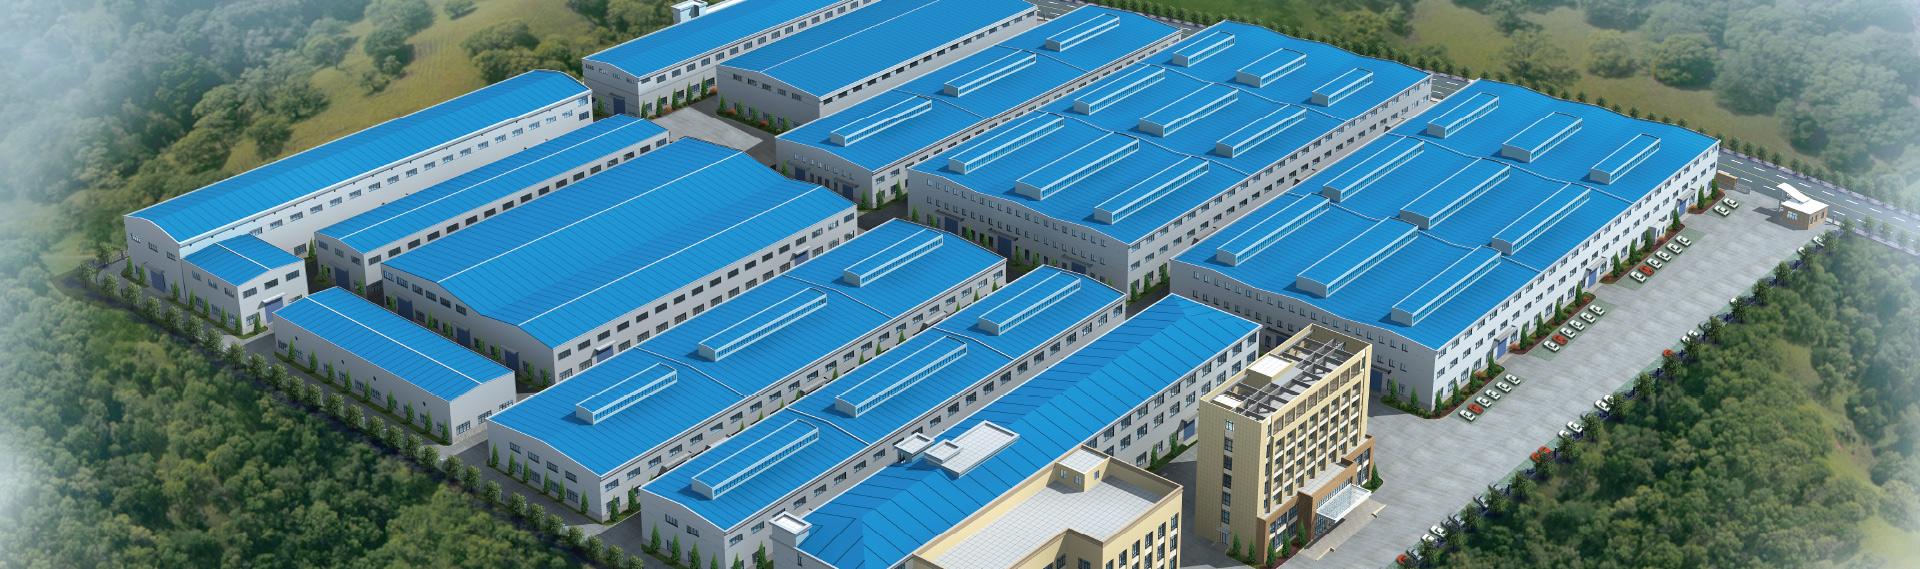 杭州三普机械有限公司